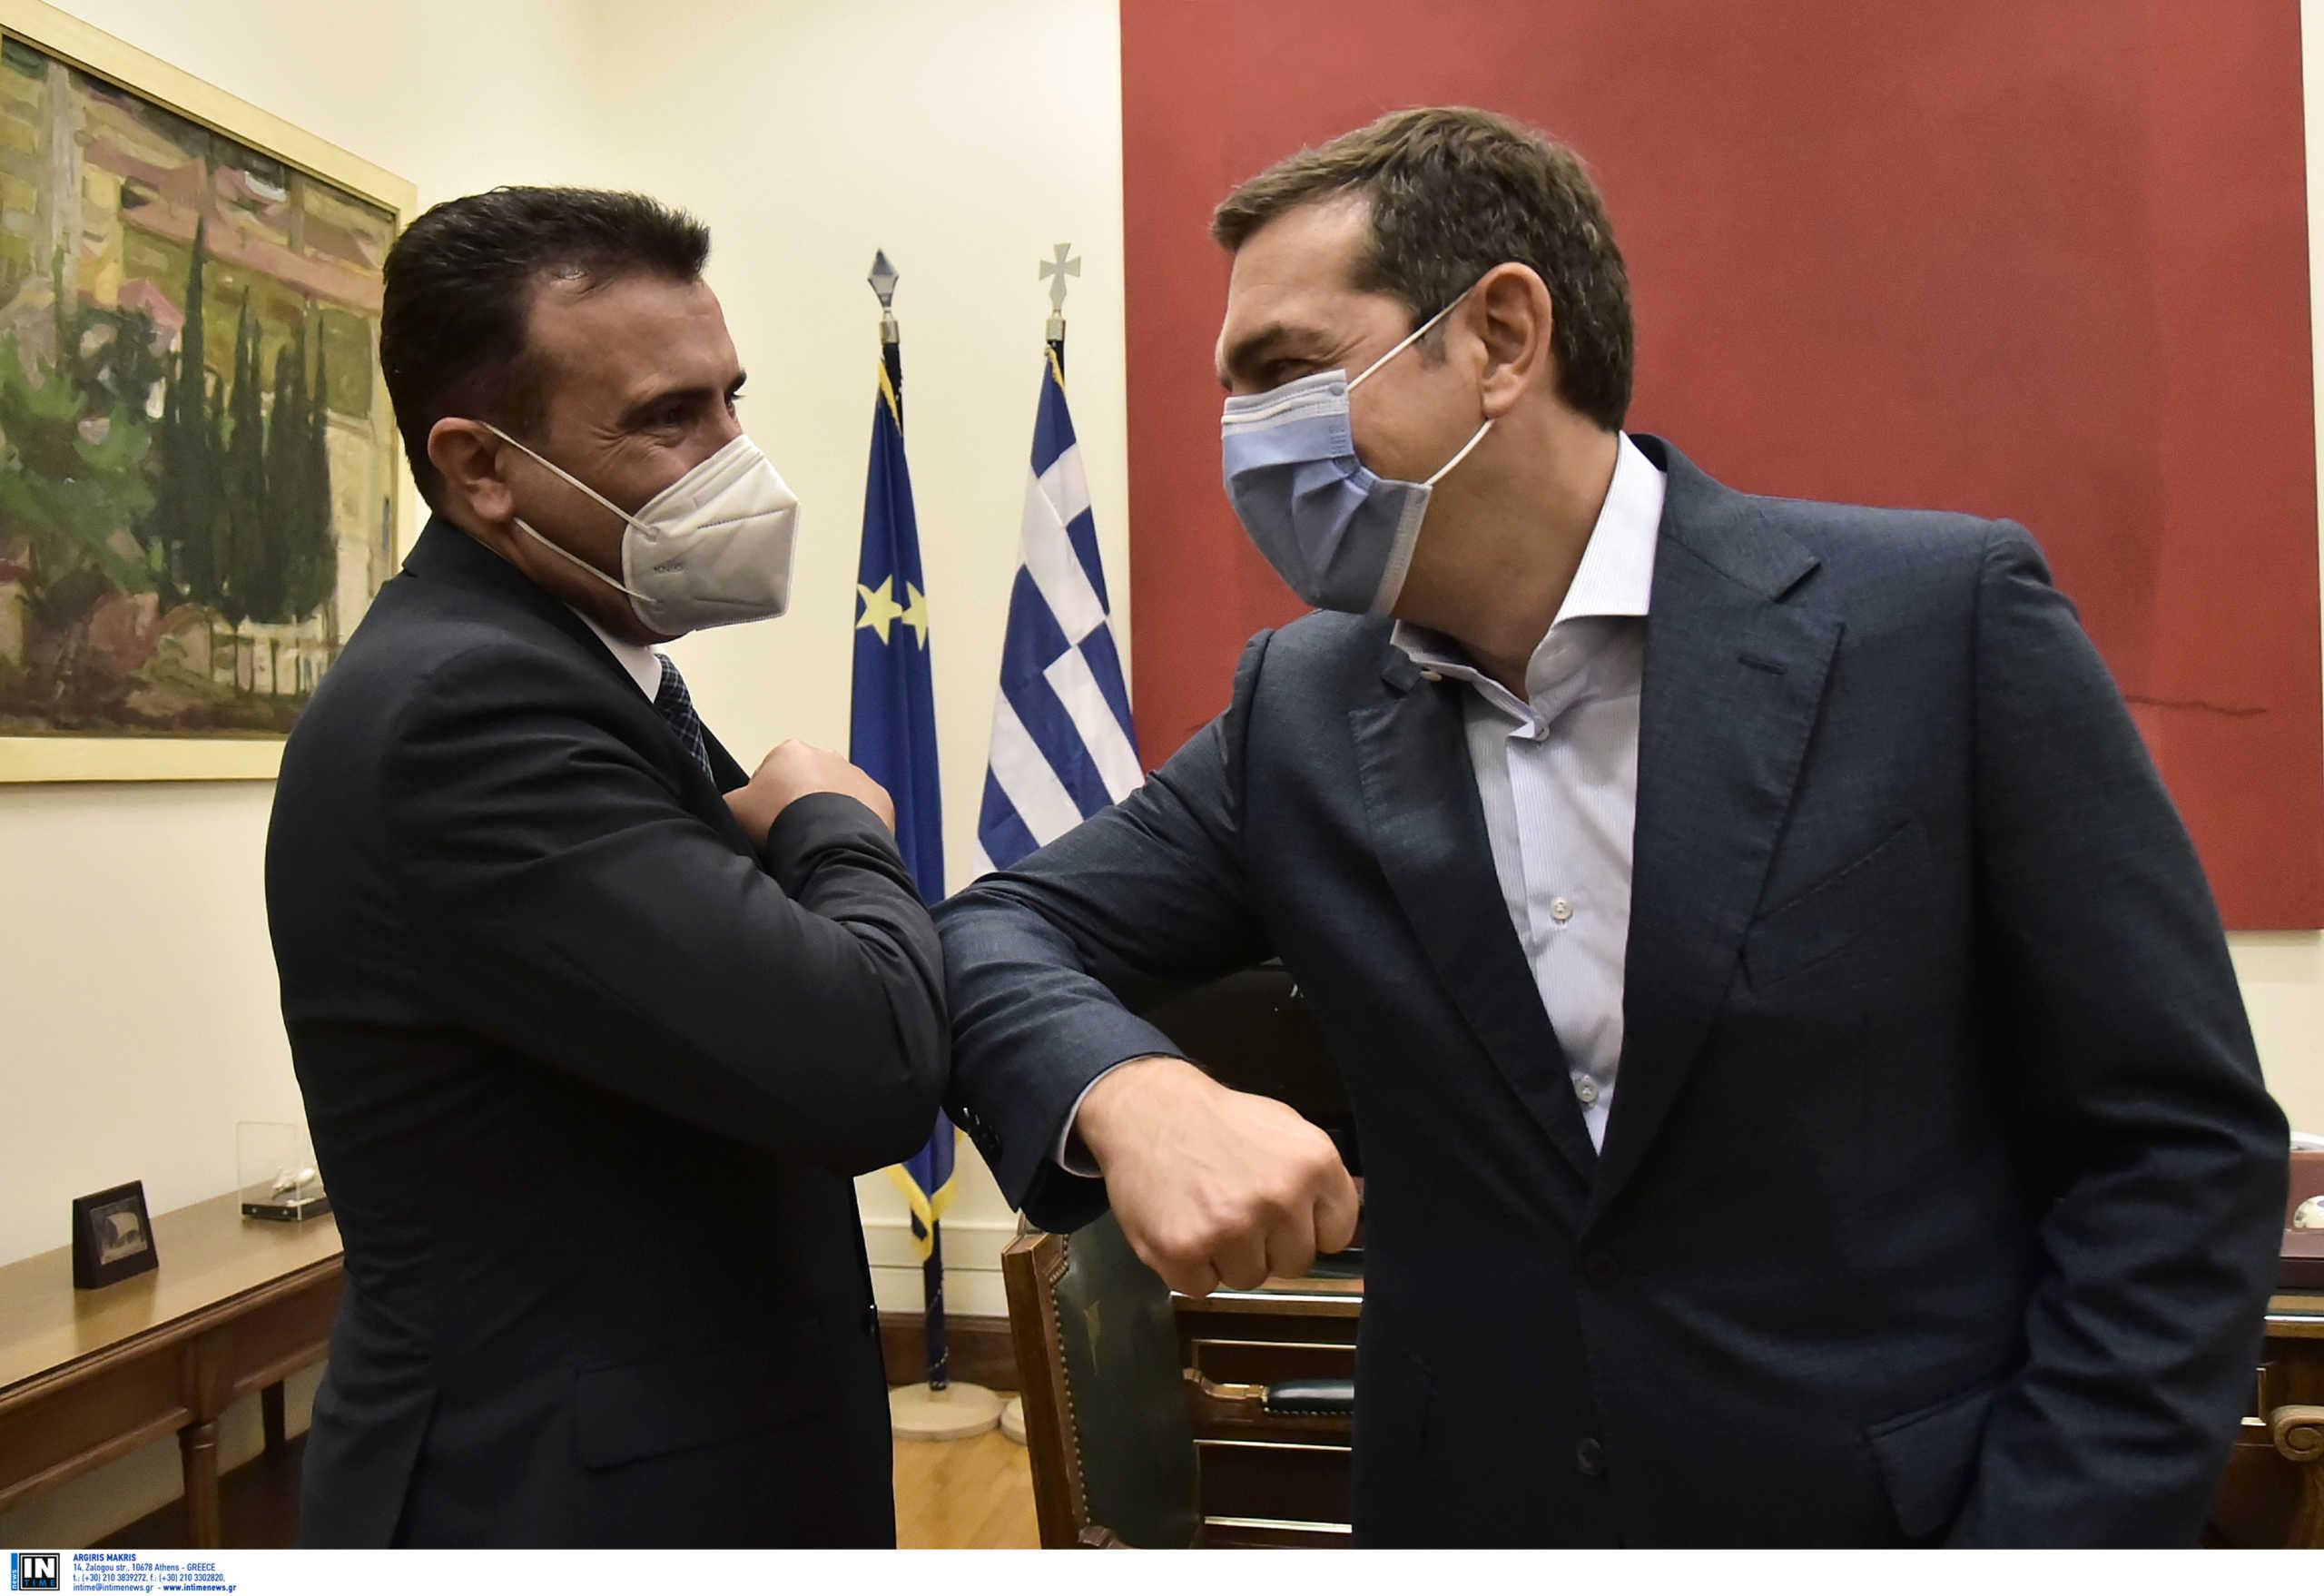 ΣΥΡΙΖΑ: Ποιους έχει στόχο το αίτημα για ονομαστική για τα μνημόνια με τη Βόρεια Μακεδονία